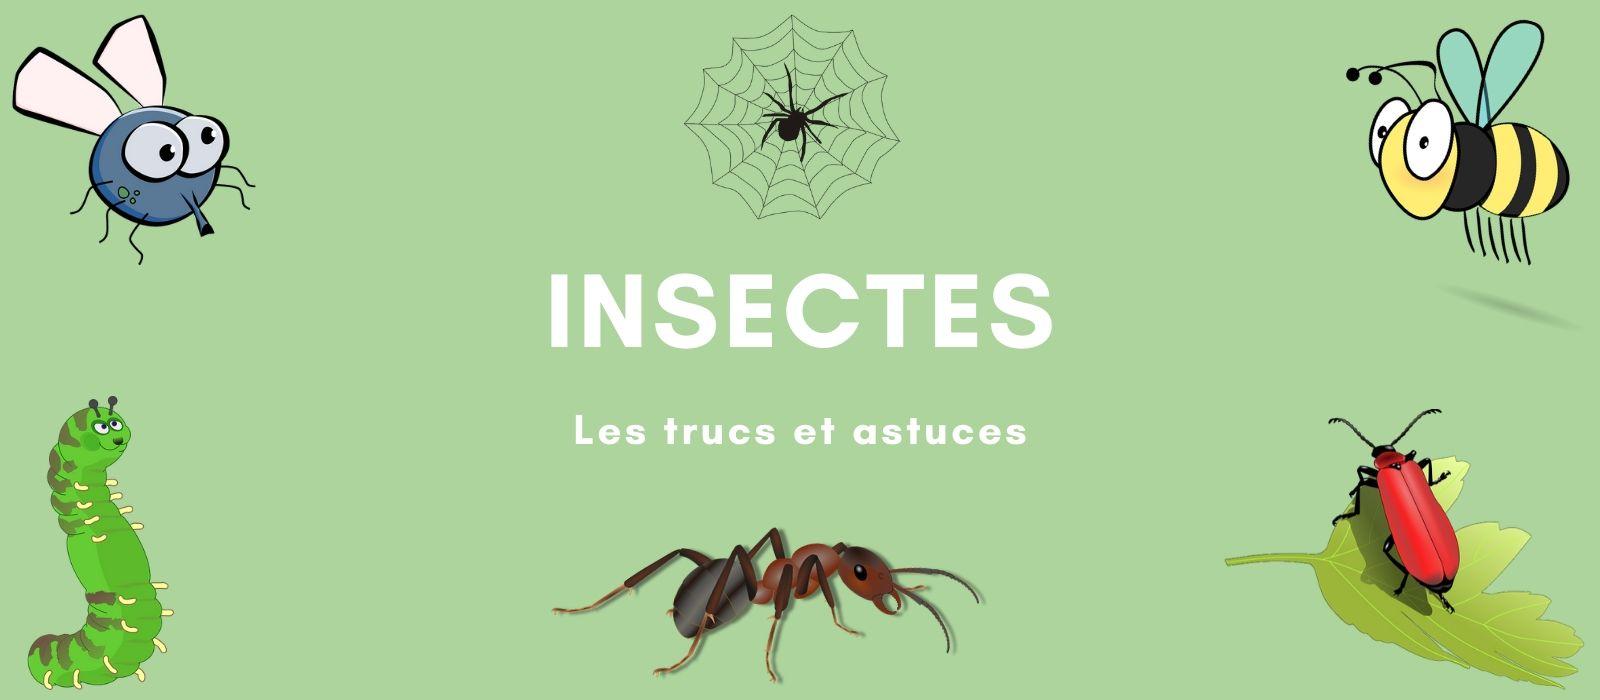 Astuces Naturelles Pour Se Débarrasser Des Fourmis insectes: astuces et répulsifs anti insectes